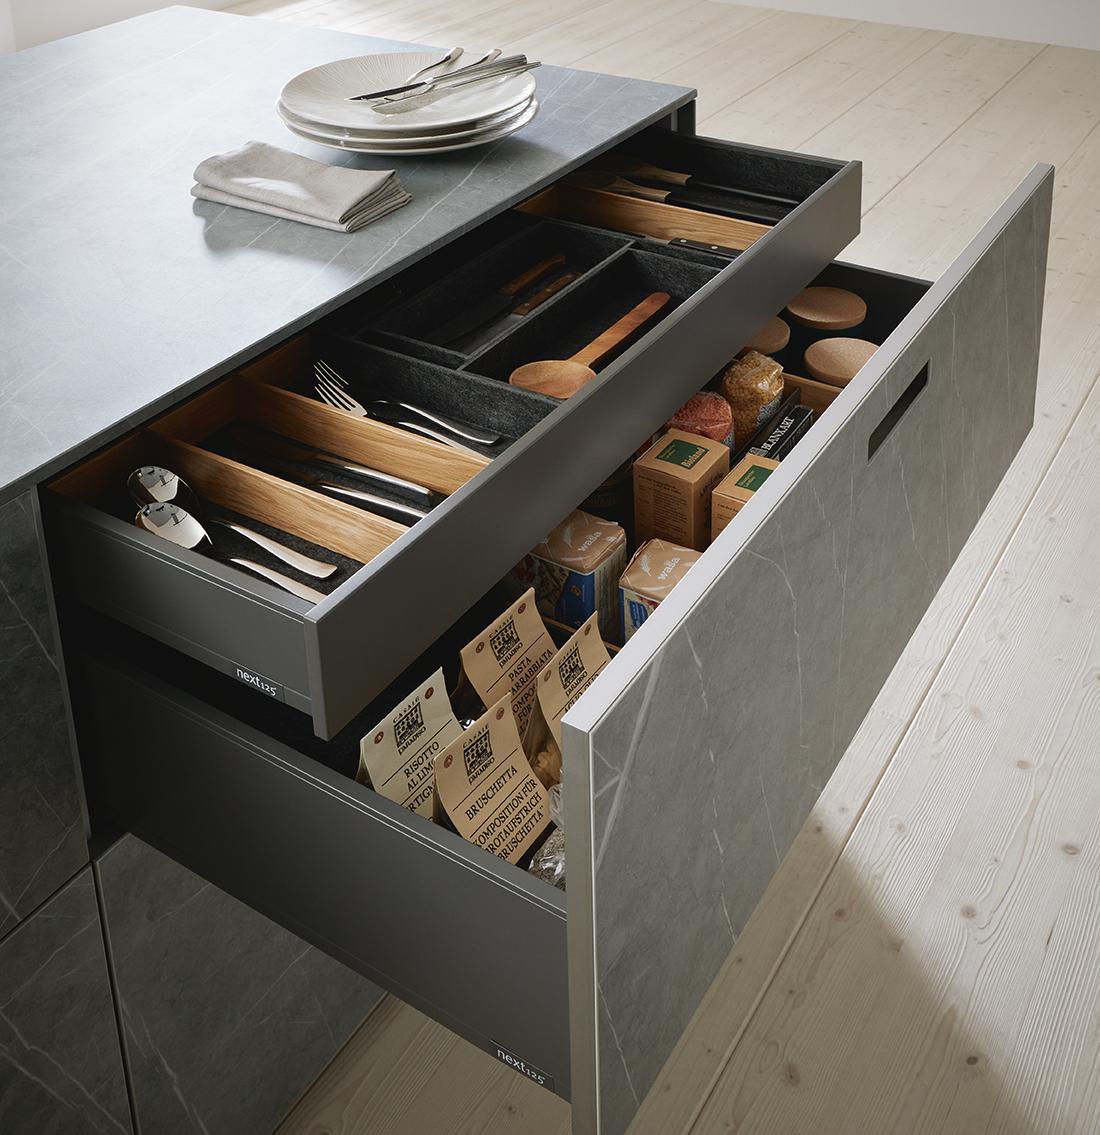 Rangement et ameublement pour cuisine équipée moderne design chic gris marbre épuré